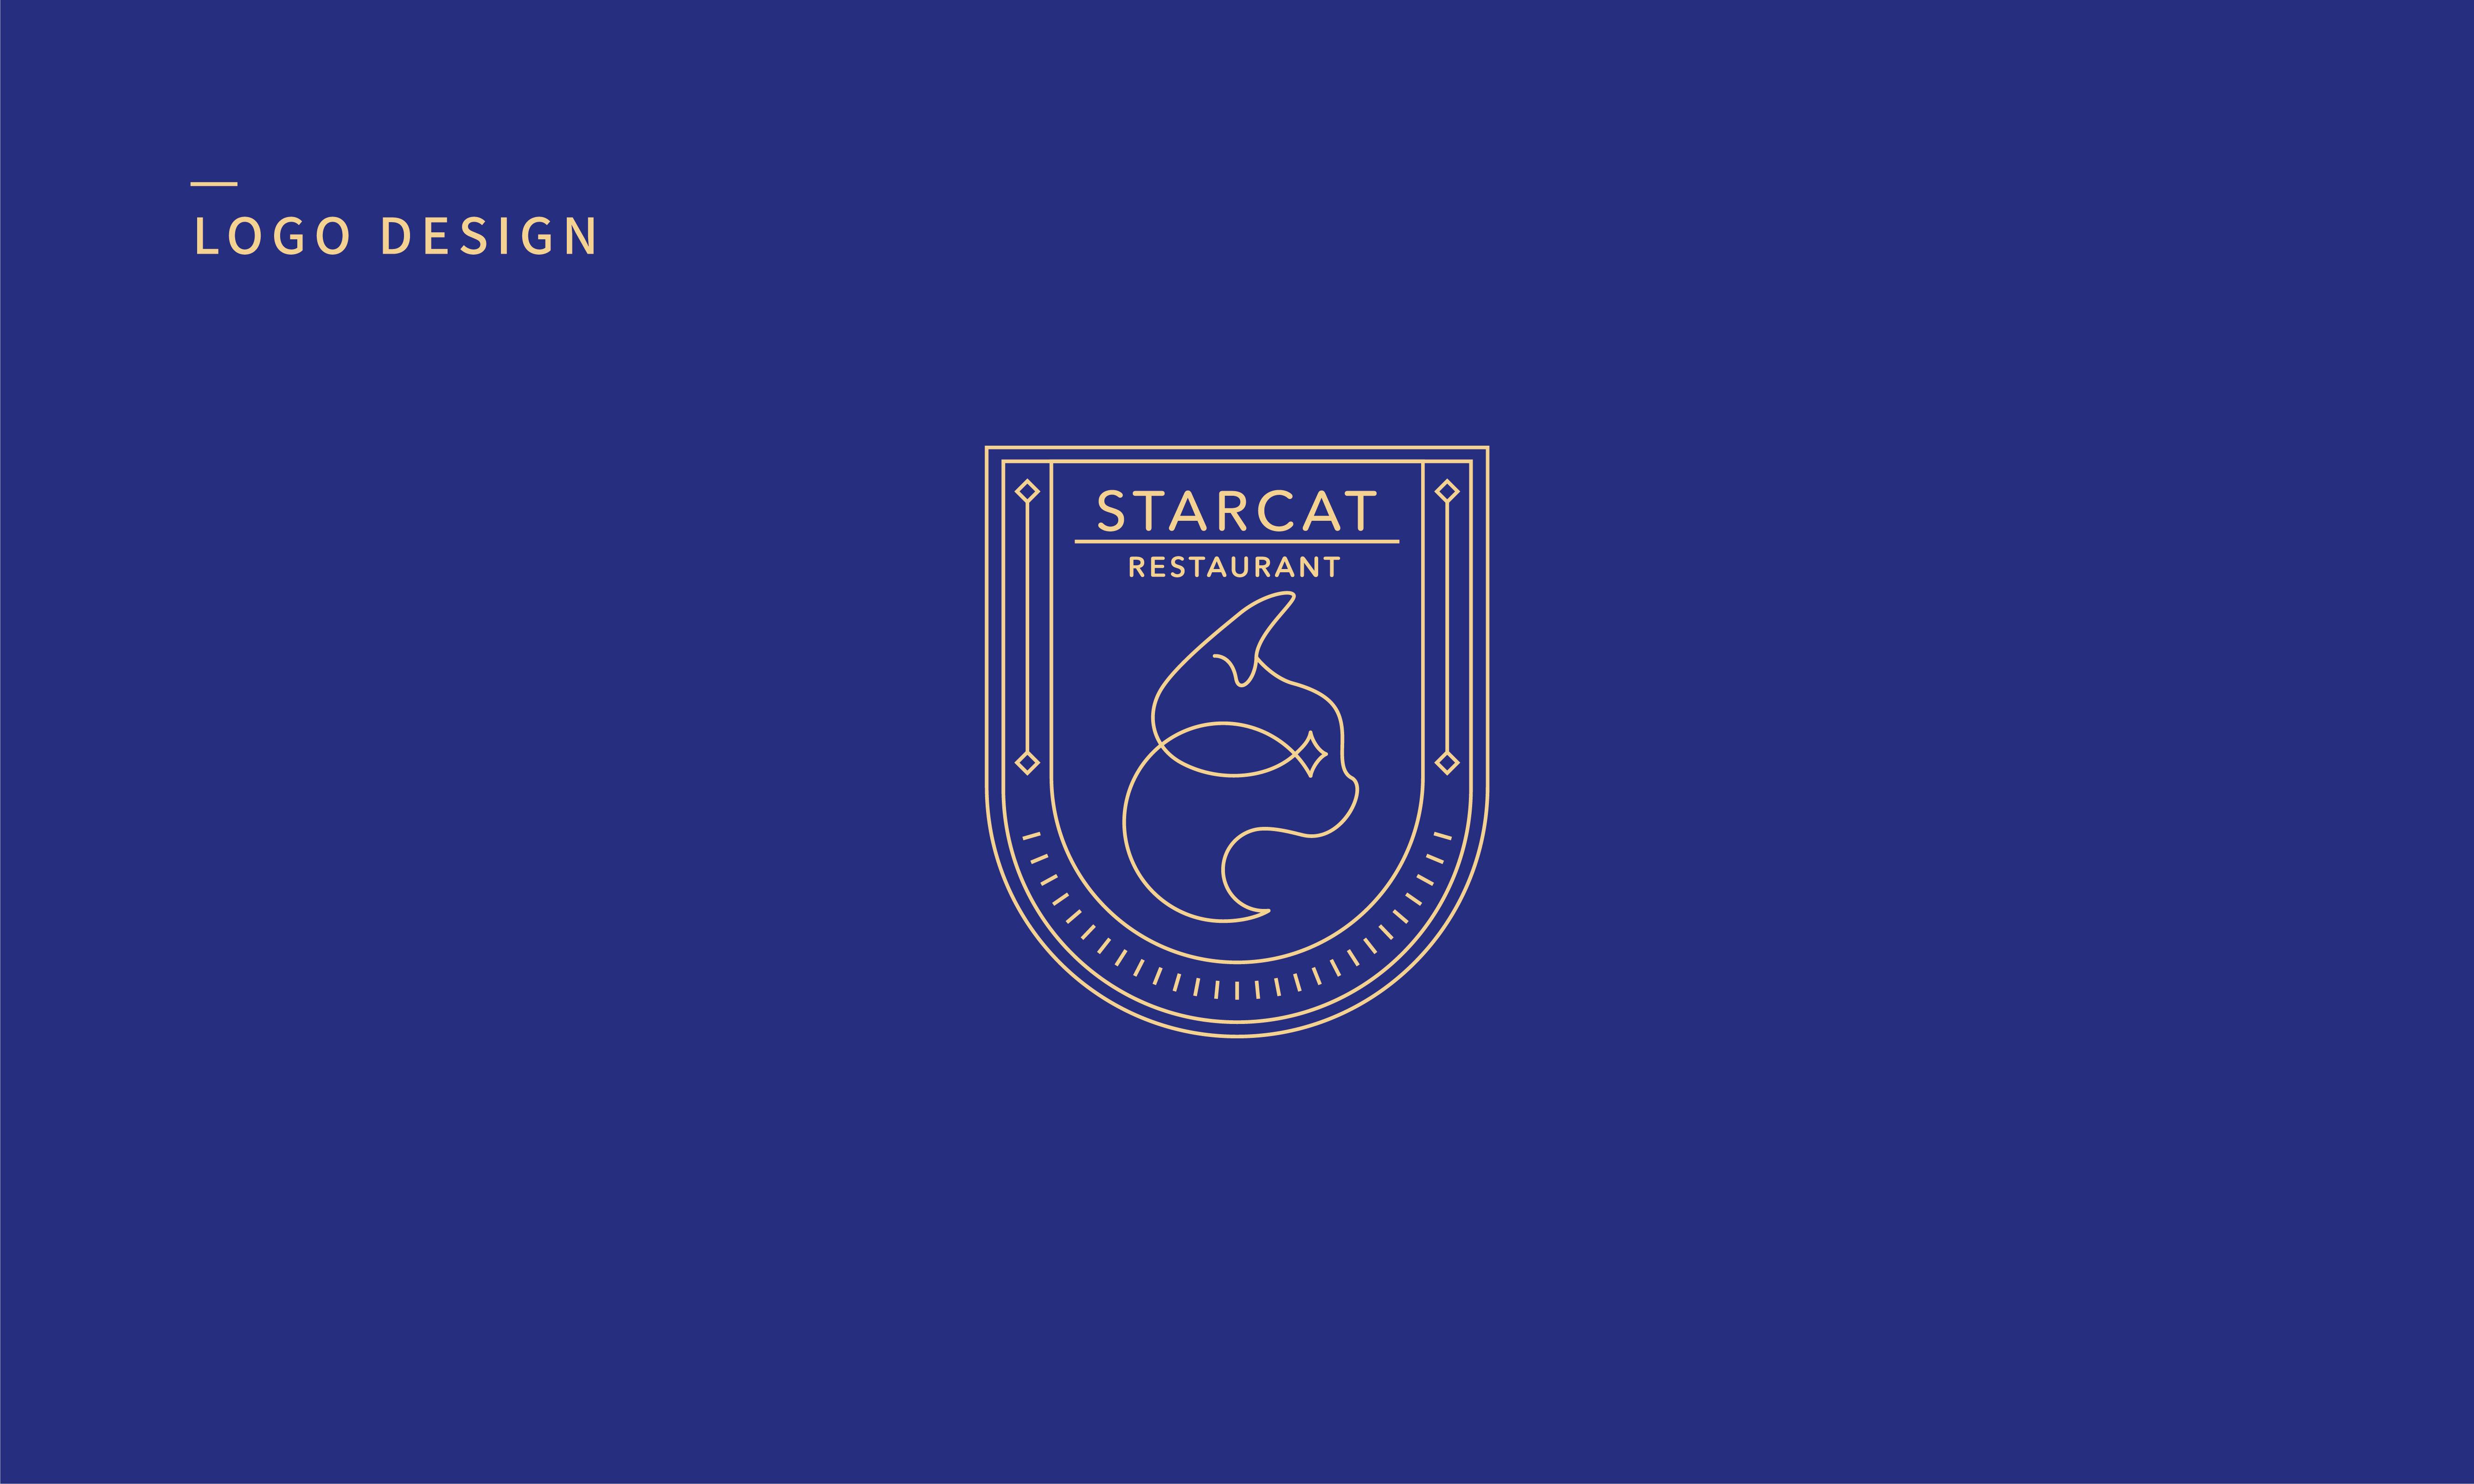 公司企业商标标志logo品牌设计vi图标中文英文卡通插画动漫